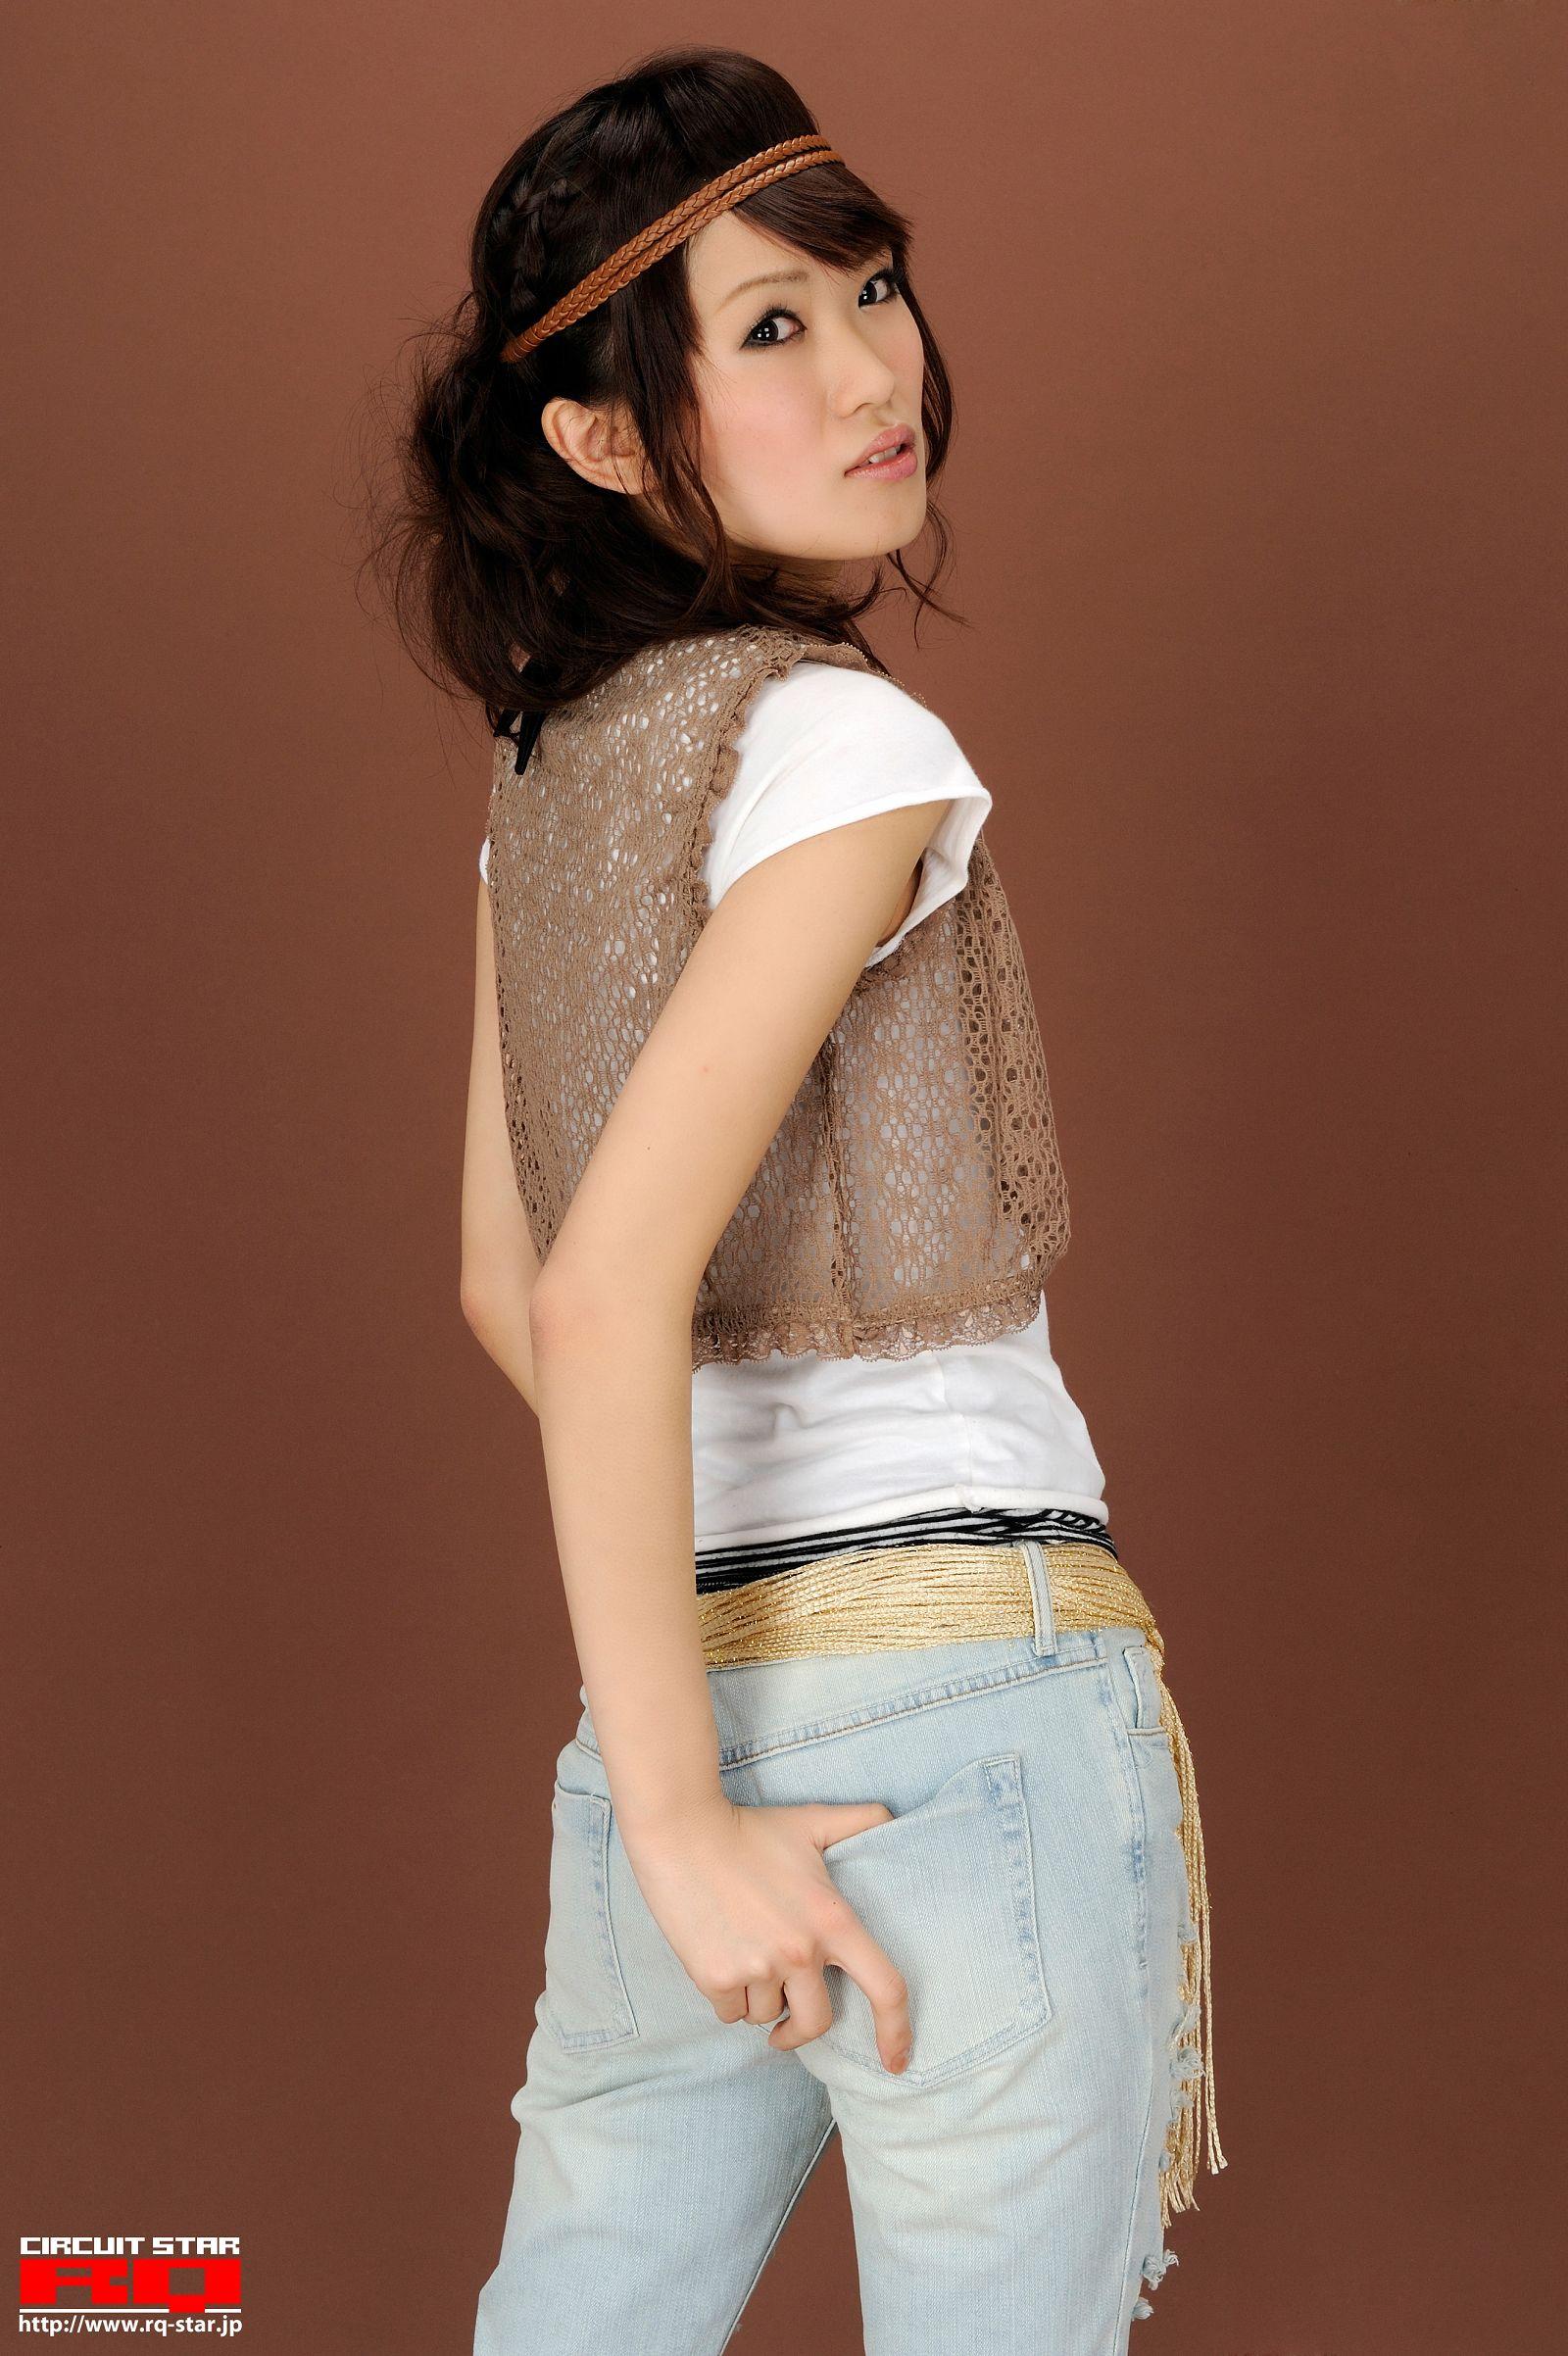 [RQ STAR美女] NO.0268 Megumi Fukuoka 福岡愛 Private Dress[54P] RQ STAR 第4张